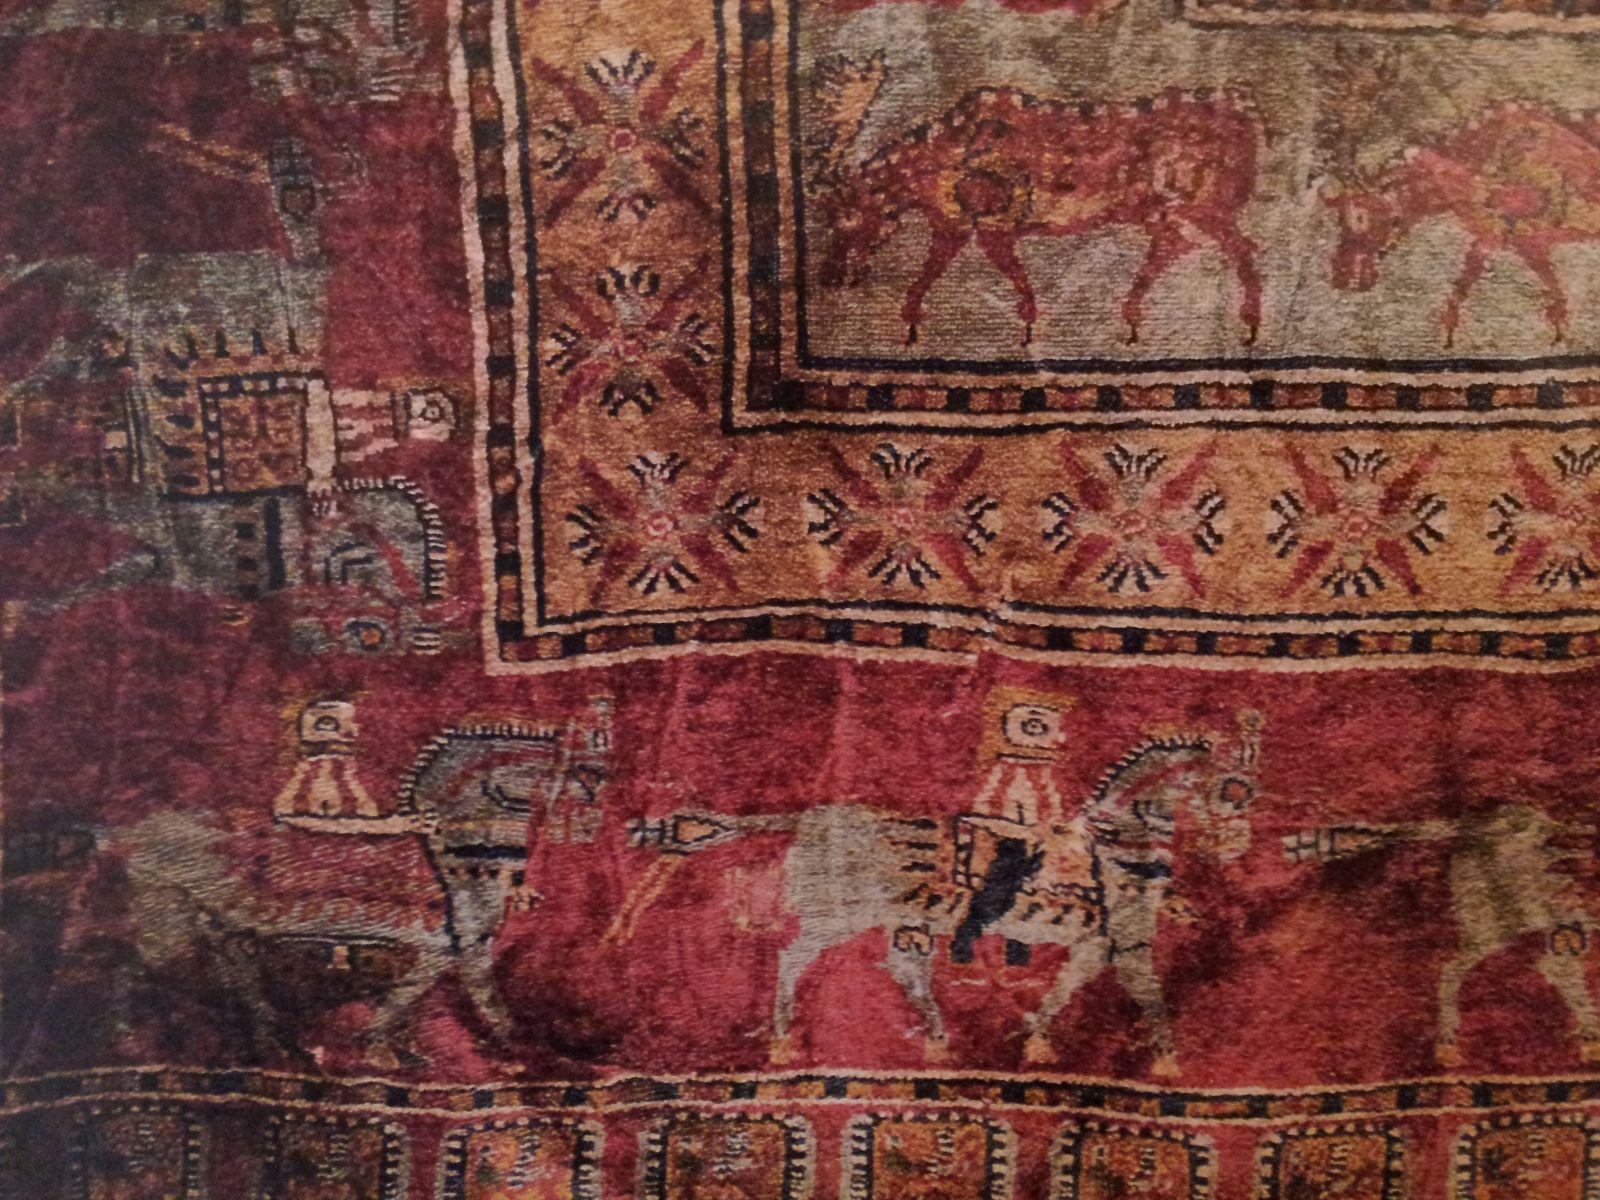 Les origines du tapis du0026#39;orient du tapis de Pazyryk u00e0 nos jours Tapis ...